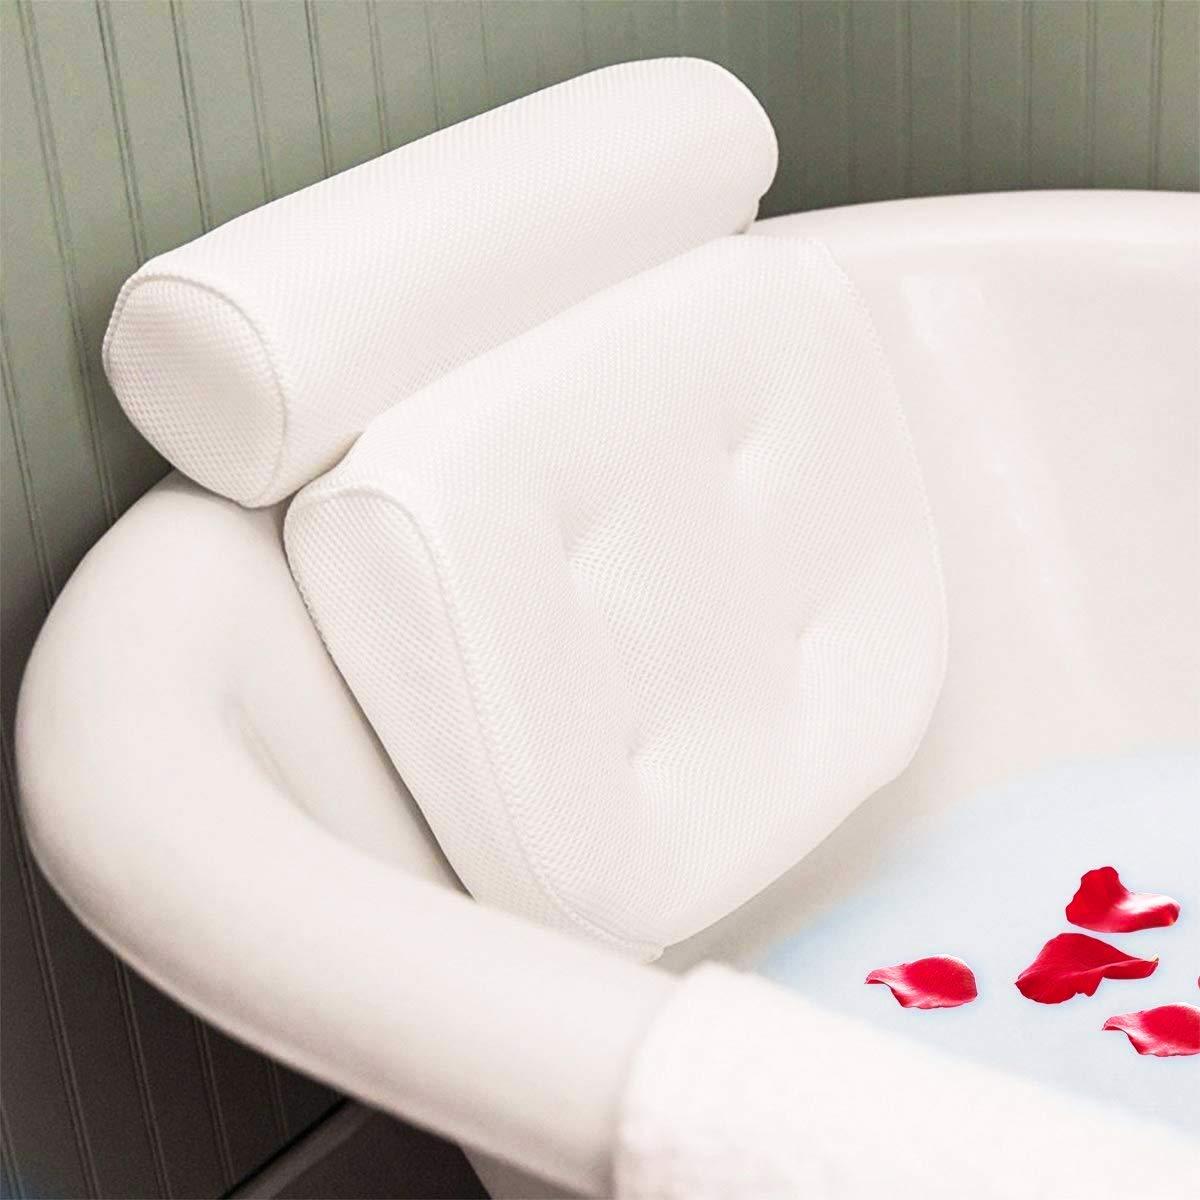 Essort Badewannenkissen,Komfort badewanne kopfkissen mit Saugnäpfen, badewanne nackenpolste